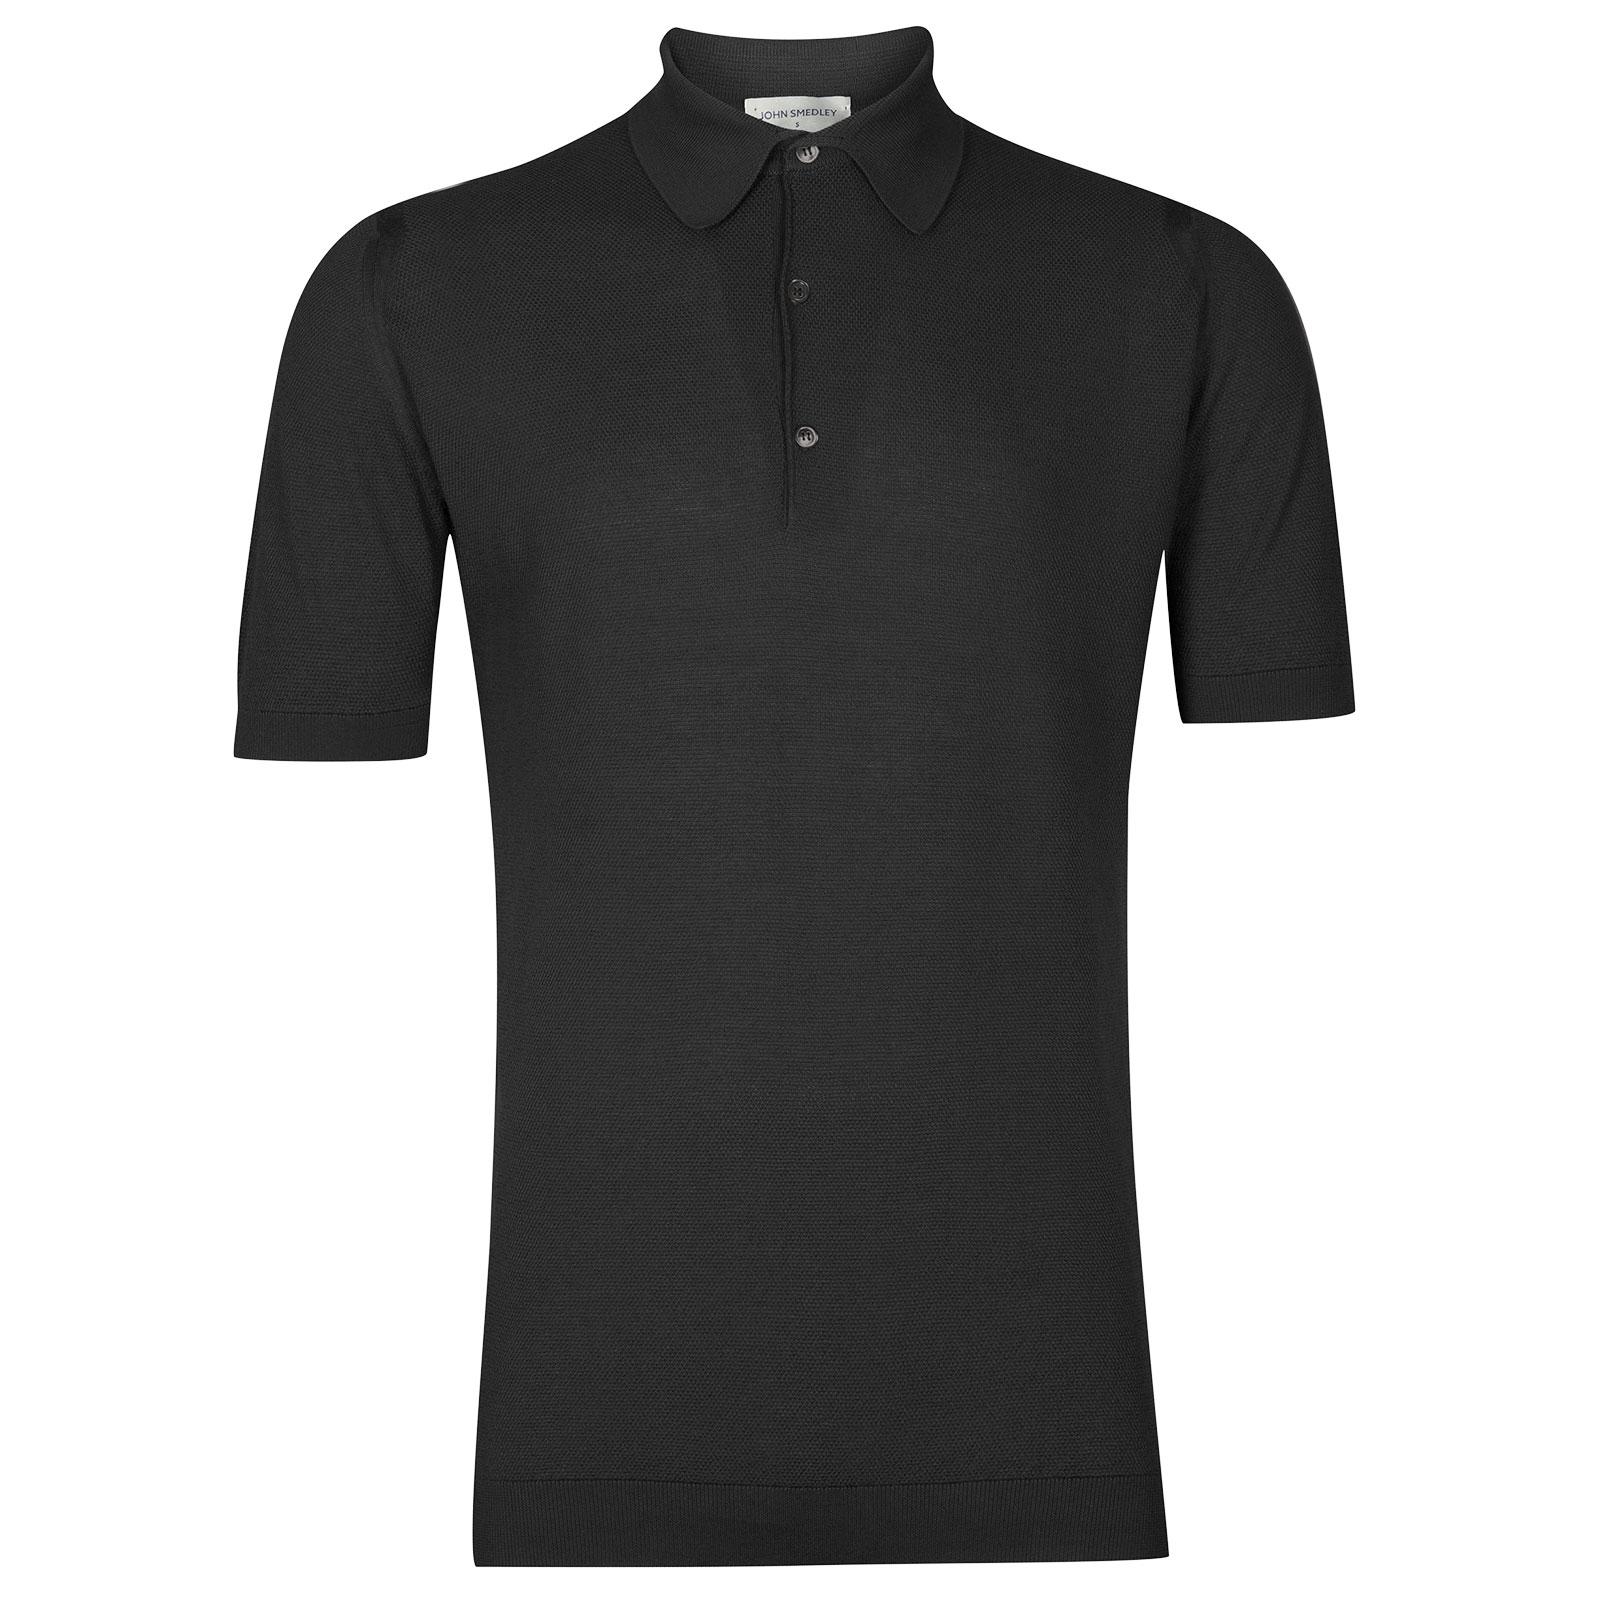 John Smedley Roth Sea Island Cotton Shirt in Flannel Grey-XXL